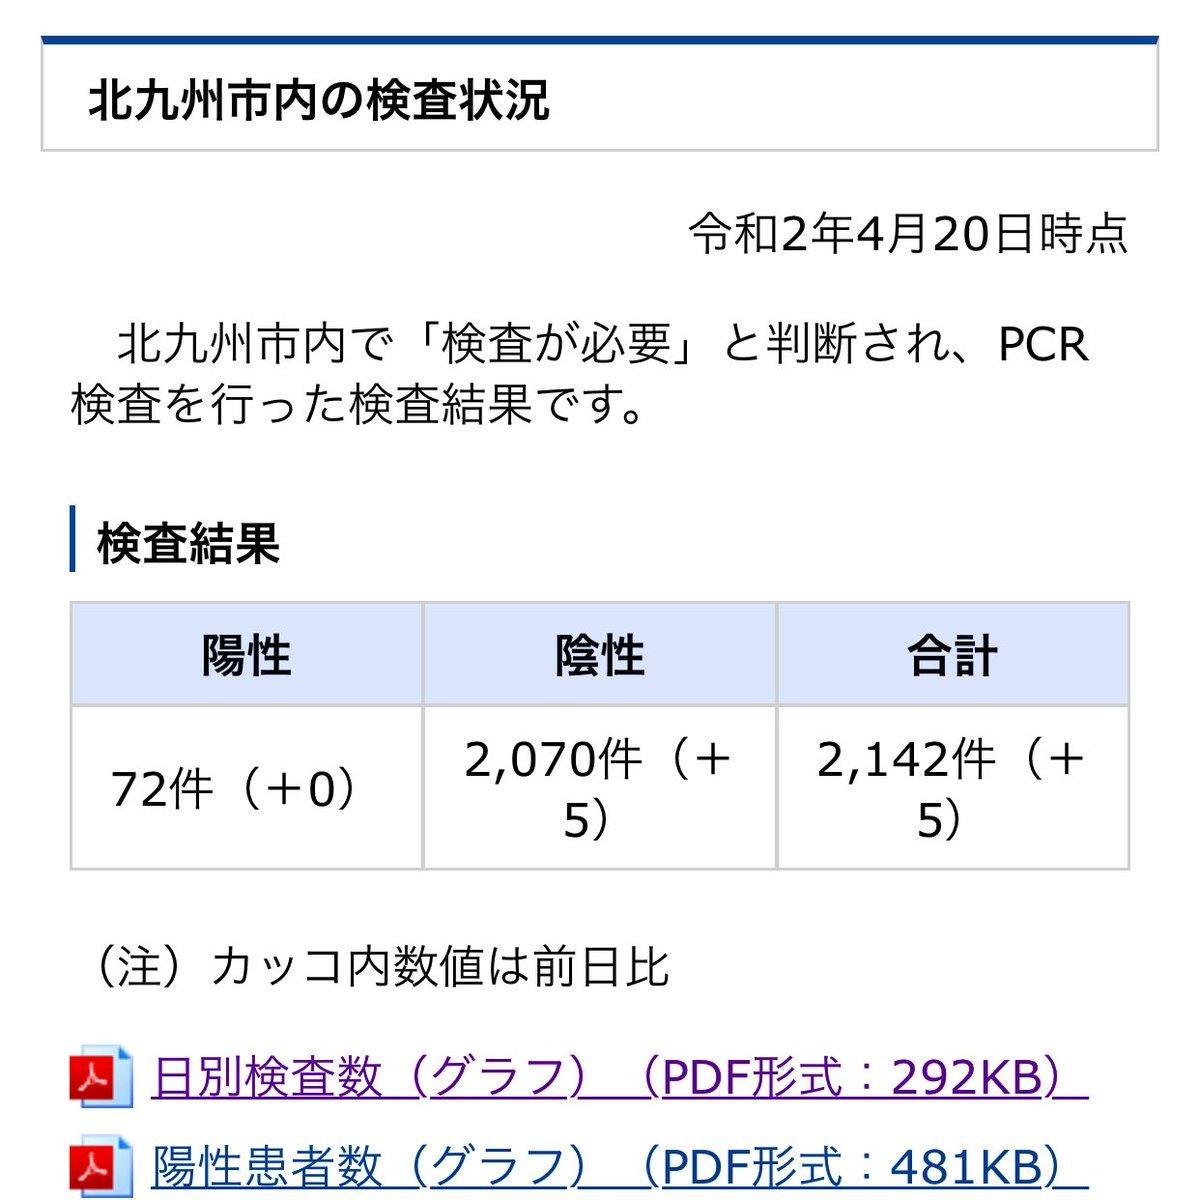 福岡 コロナ 人数